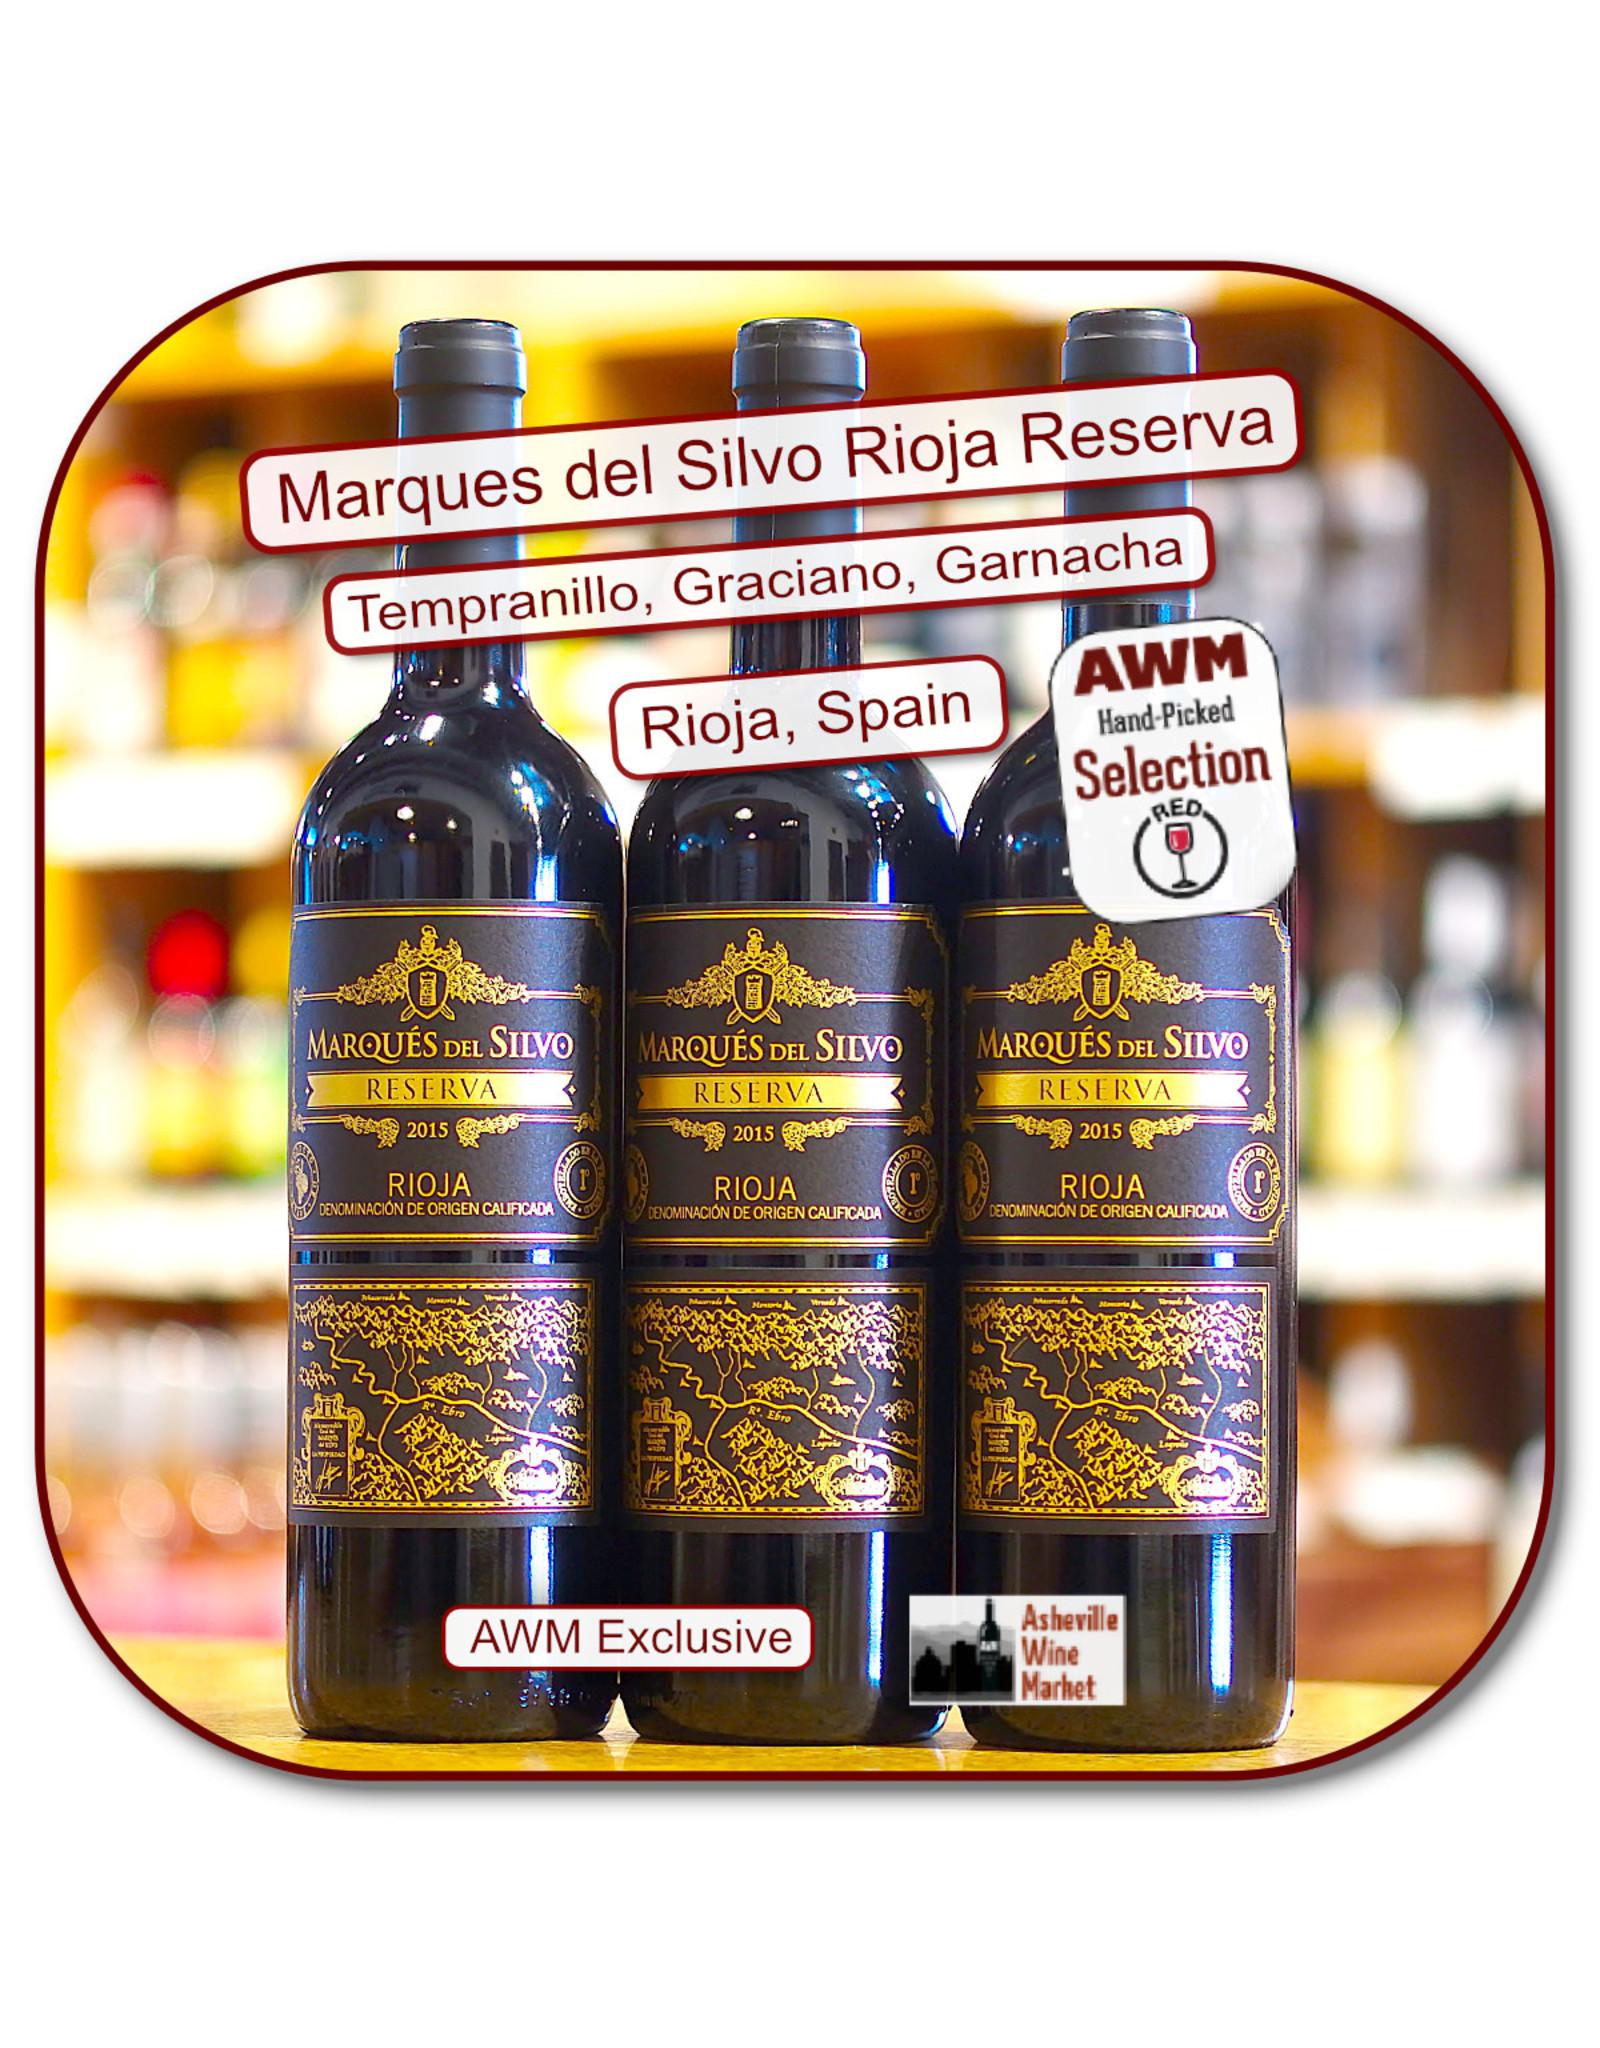 Tempranillo Marques del Silvo Rioja Reserva 15